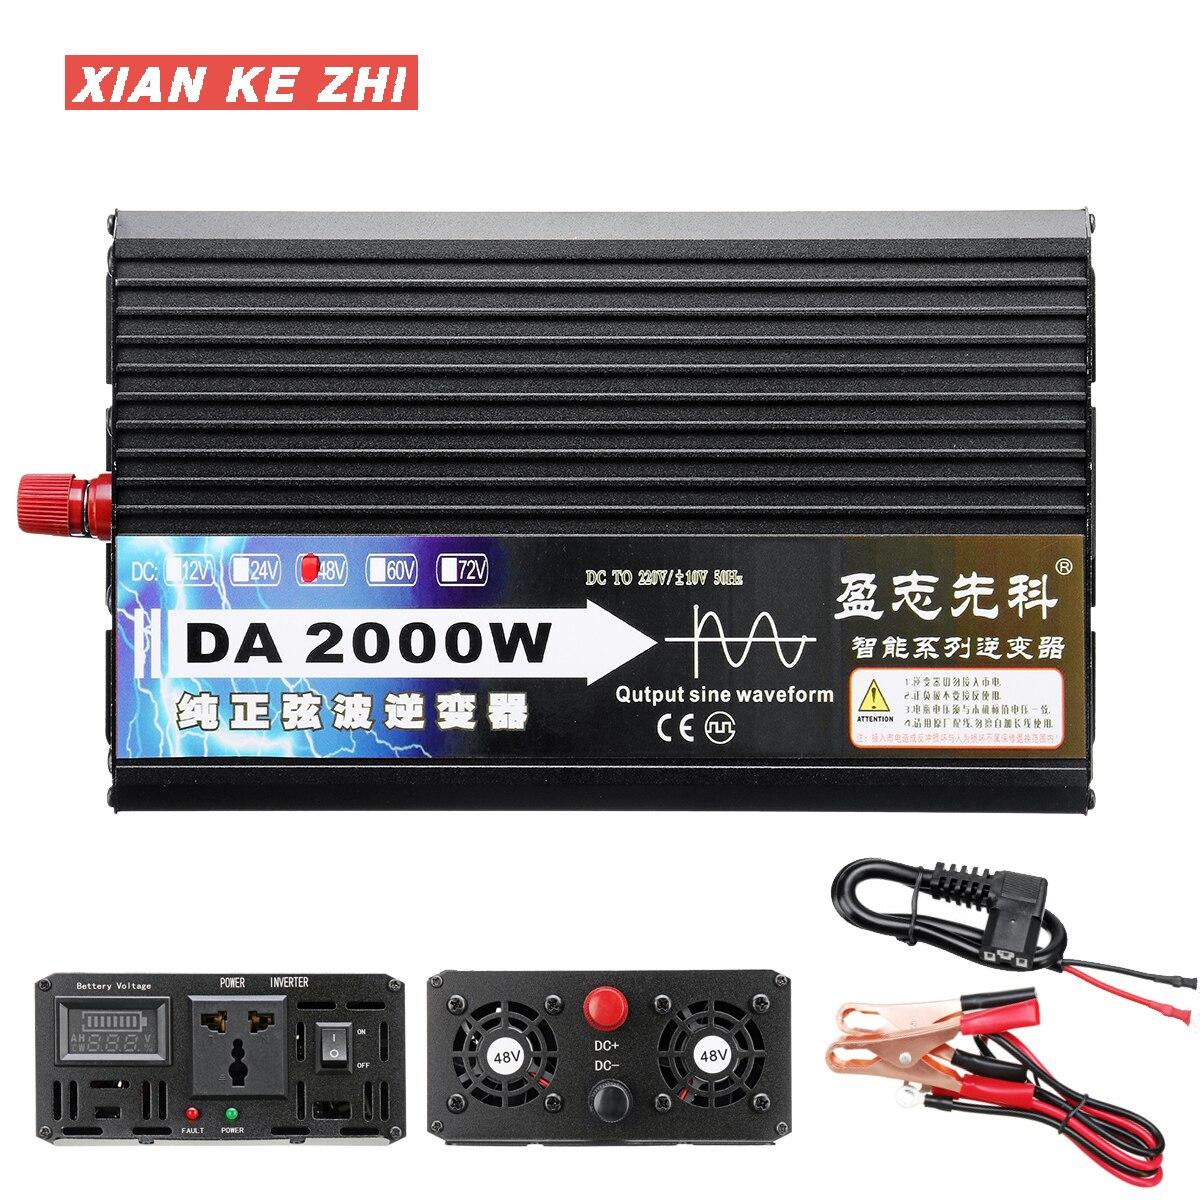 2000W Voltage transformer Pure Sine Wave Power Inverter 12V/24V/48V/60V TO 220V LCD Display Voltage Converter